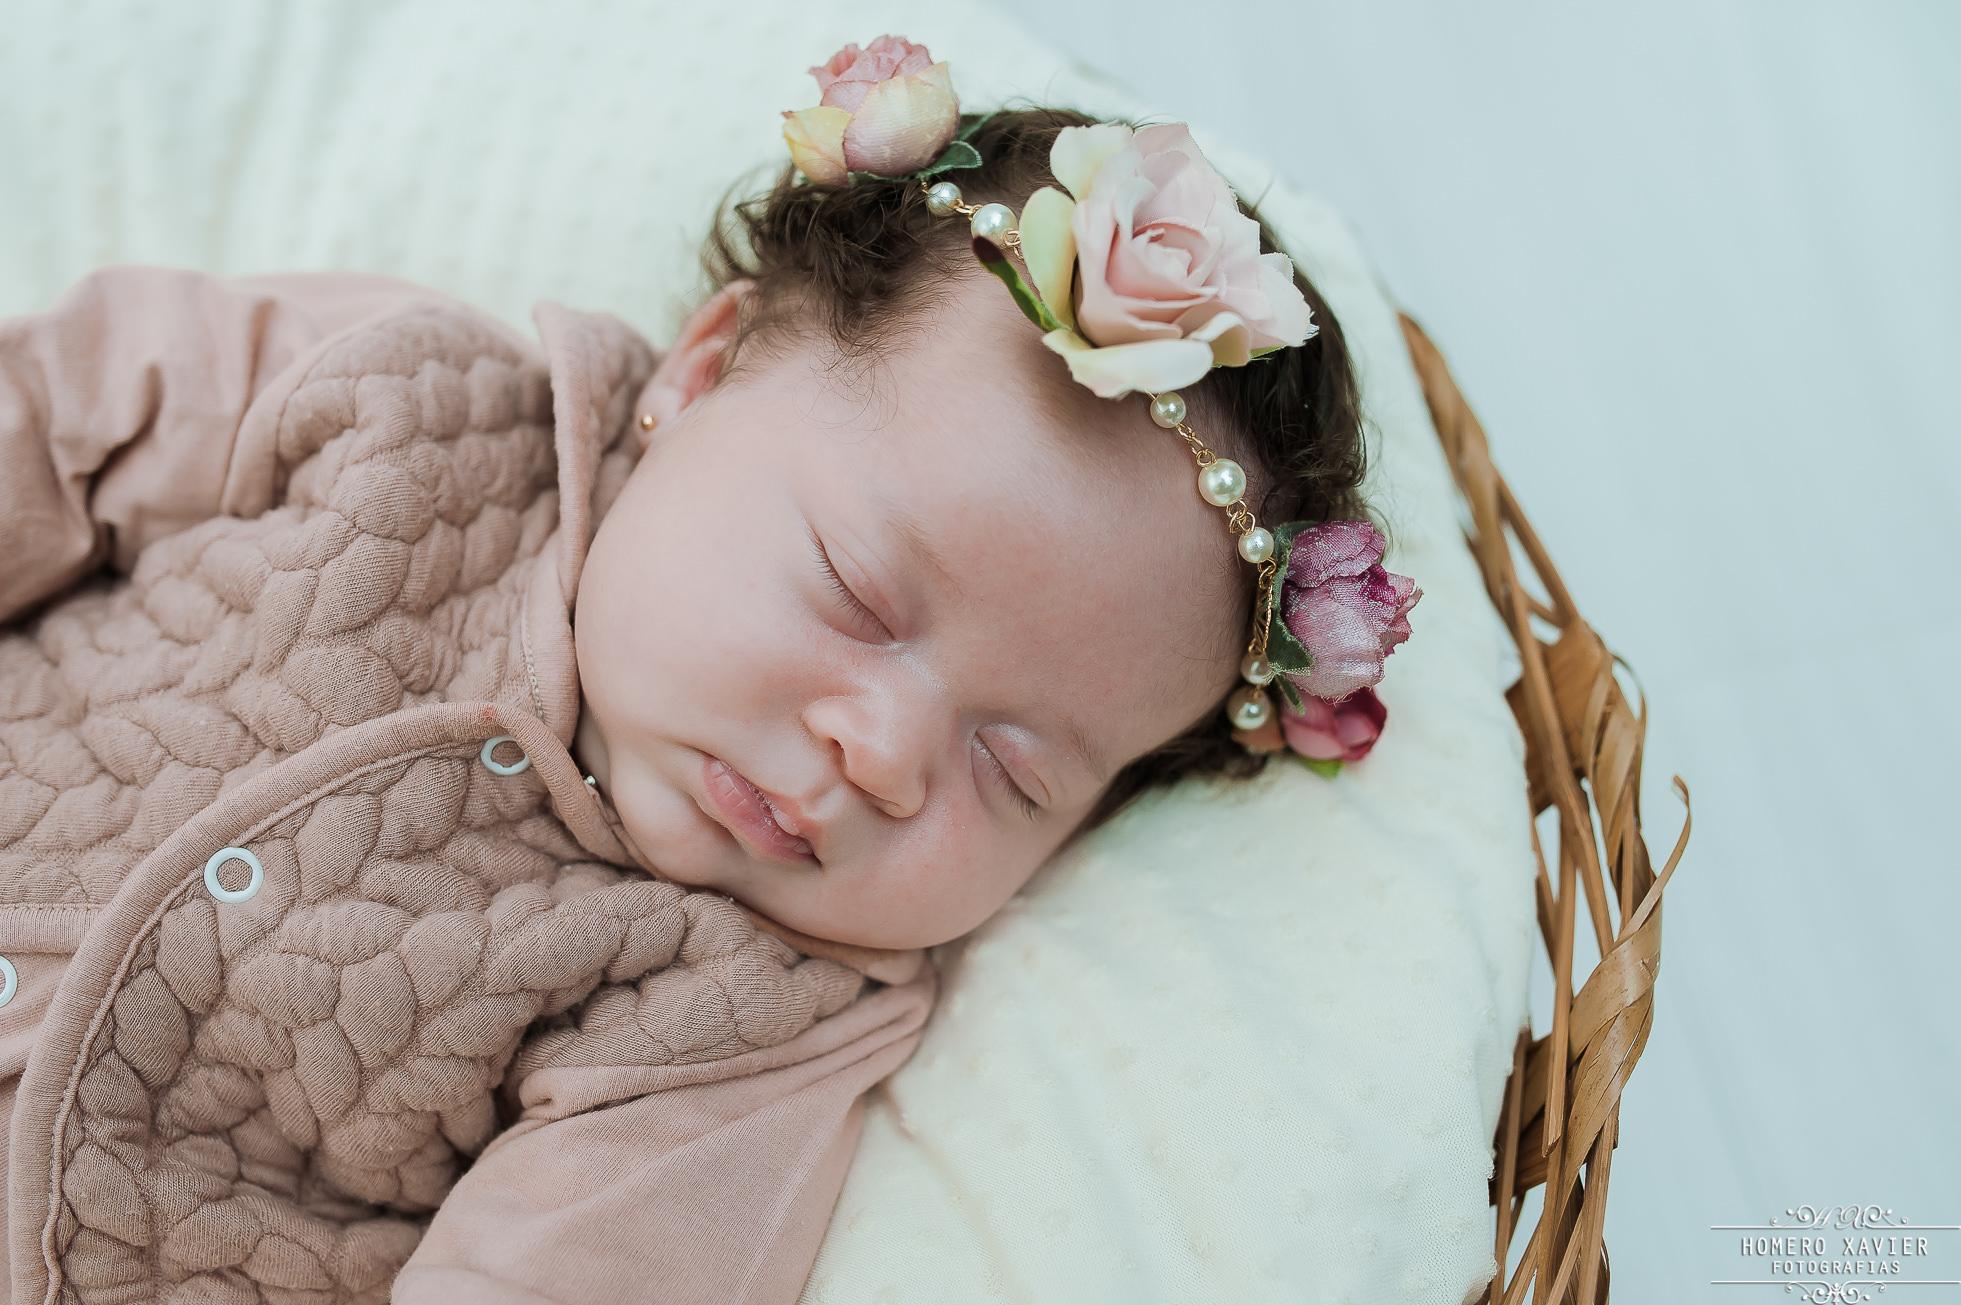 Fotografia Newborn Lifestyle Quartinho bebê em Belo Horizonte